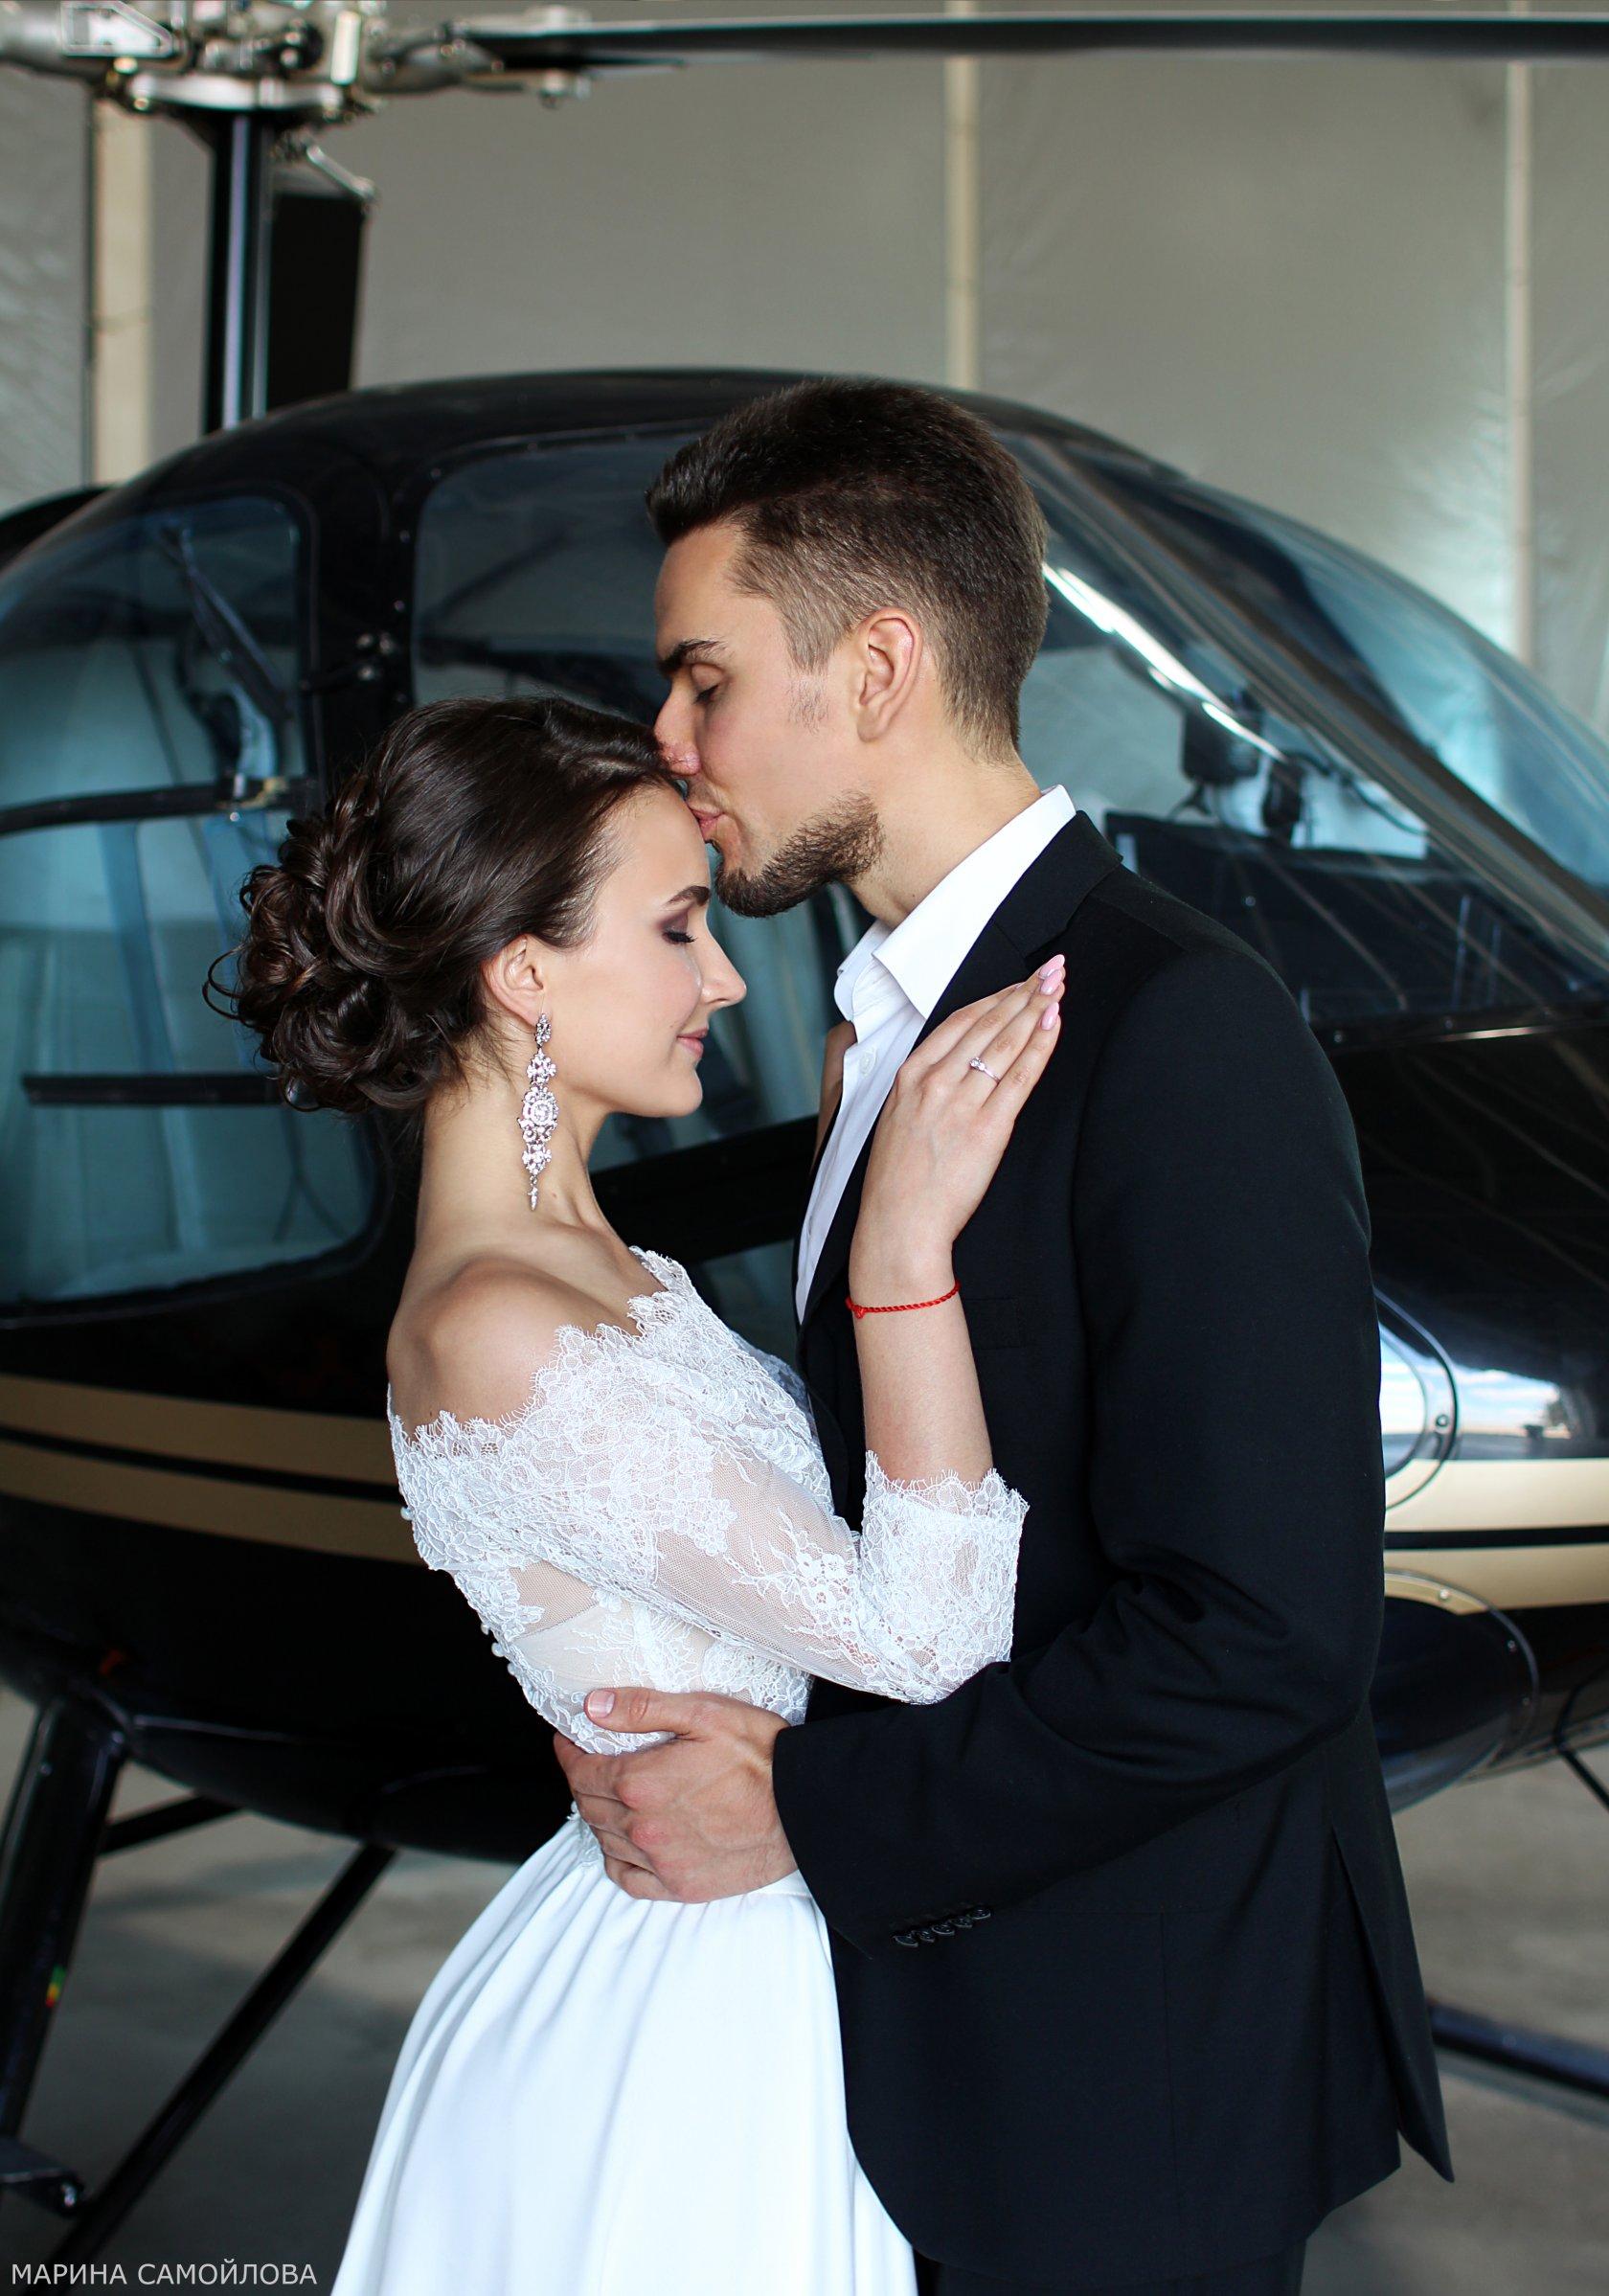 Цена свадебного фотографа в Харькове